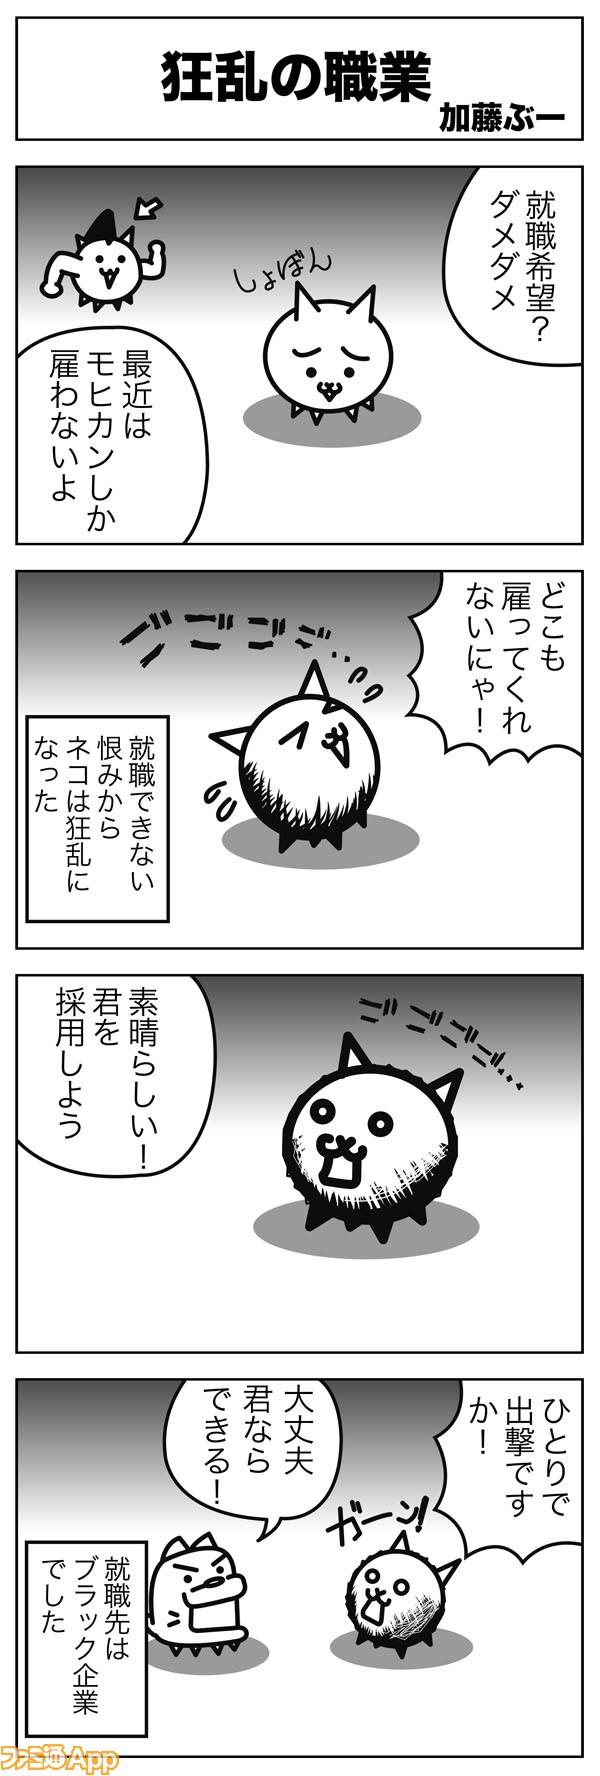 04kato-060